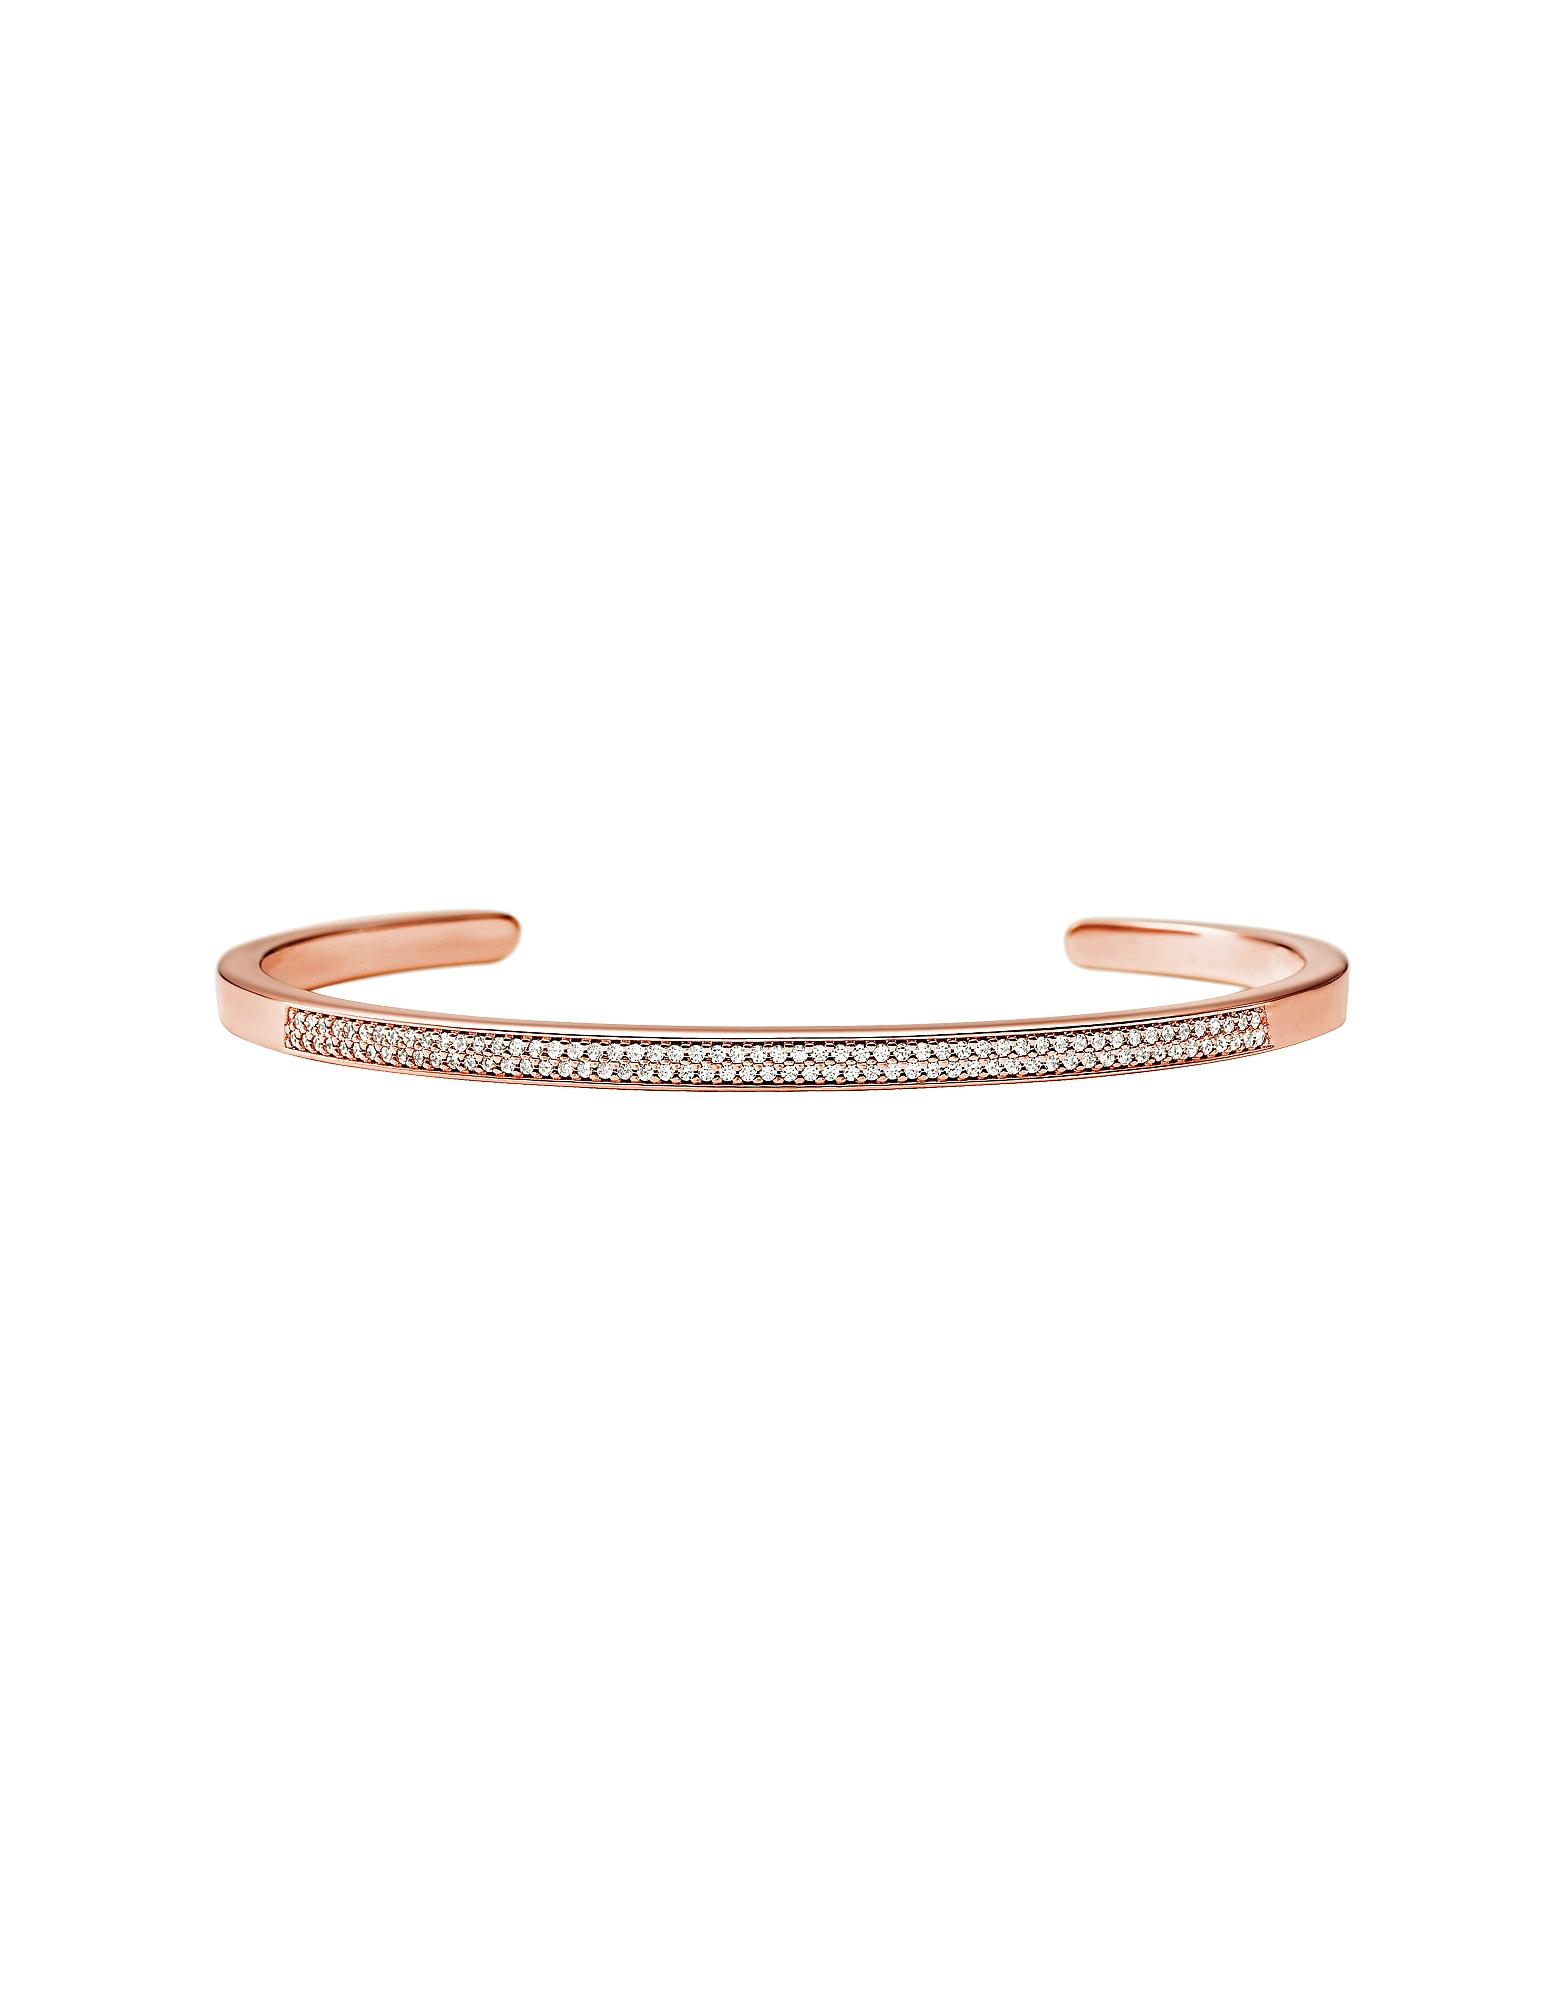 Rose Gold Pavé Nesting Cuff Bracelet